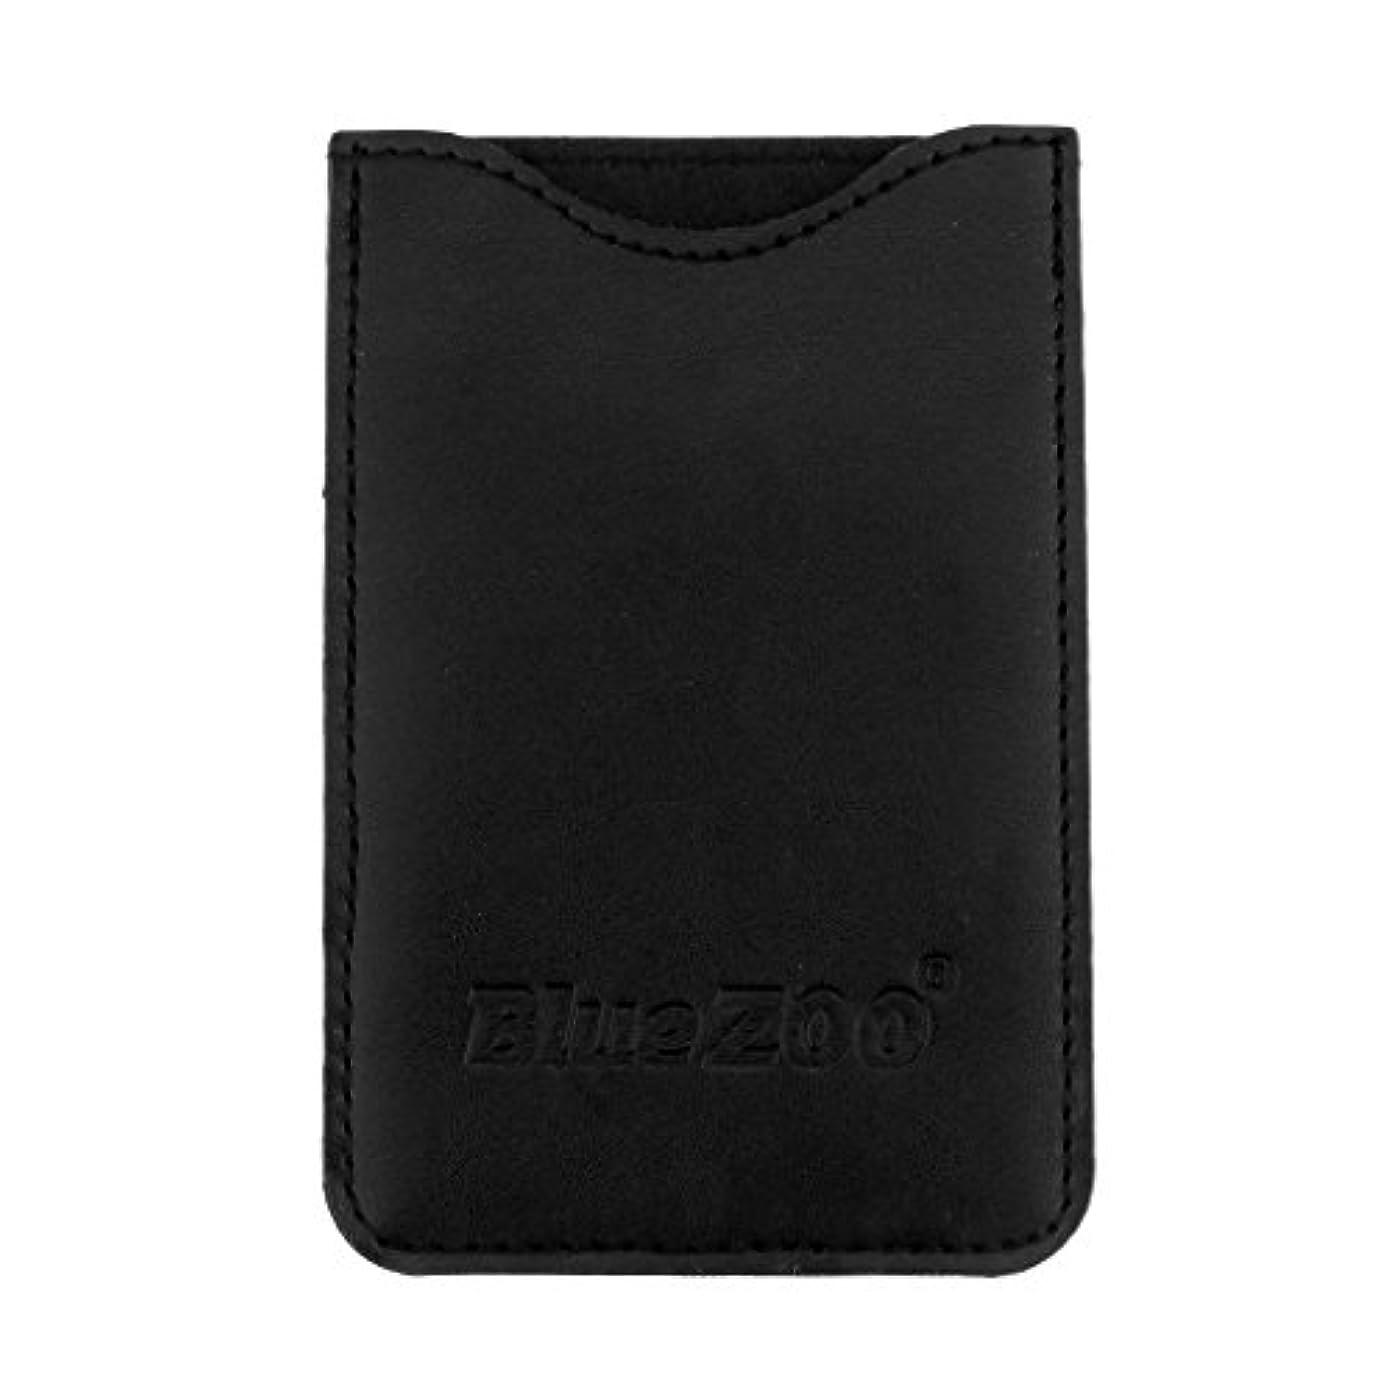 Fenteer コームバッグ 収納ケース 収納パック 保護カバー 櫛/名刺/IDカード/銀行カード オーガナイザー 全2色  - ブラック